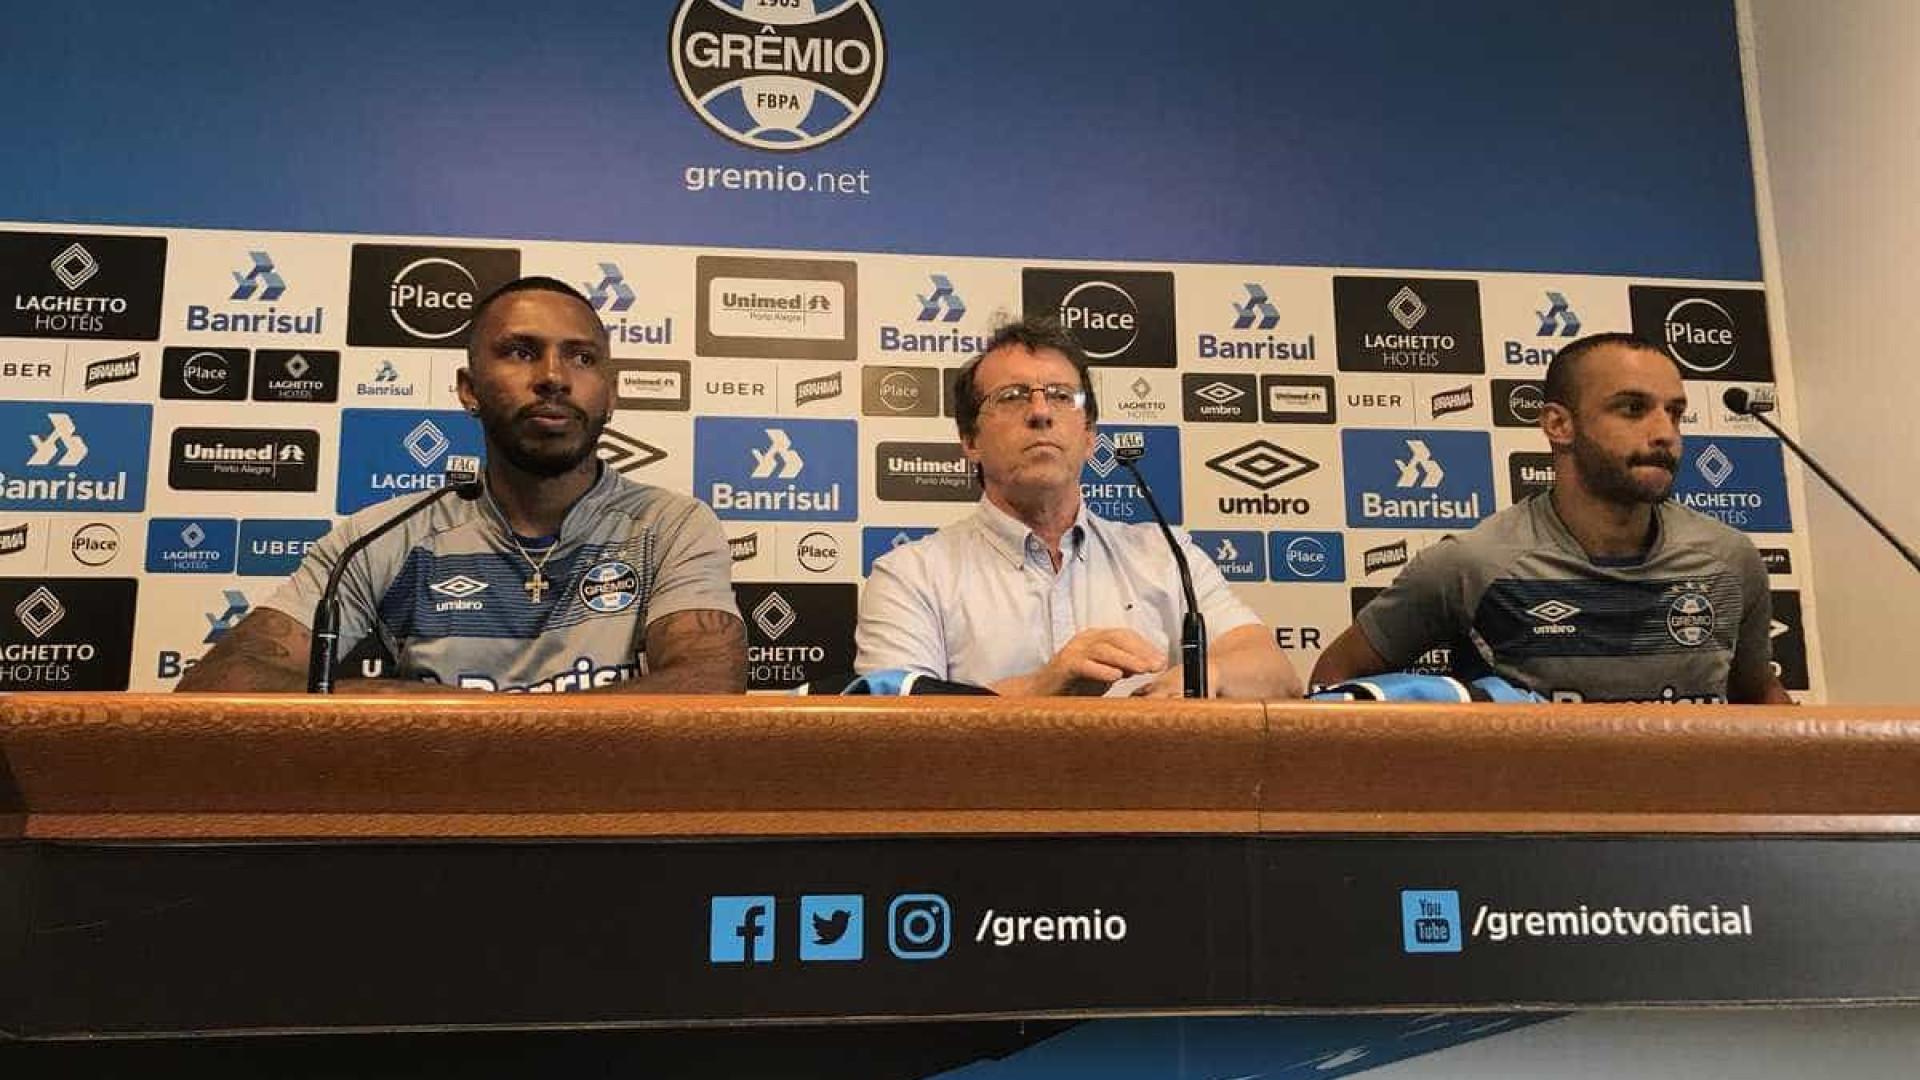 Paulo Miranda comete gafe e chama Grêmio de  Inter  em apresentação 8f4f36d8e15a